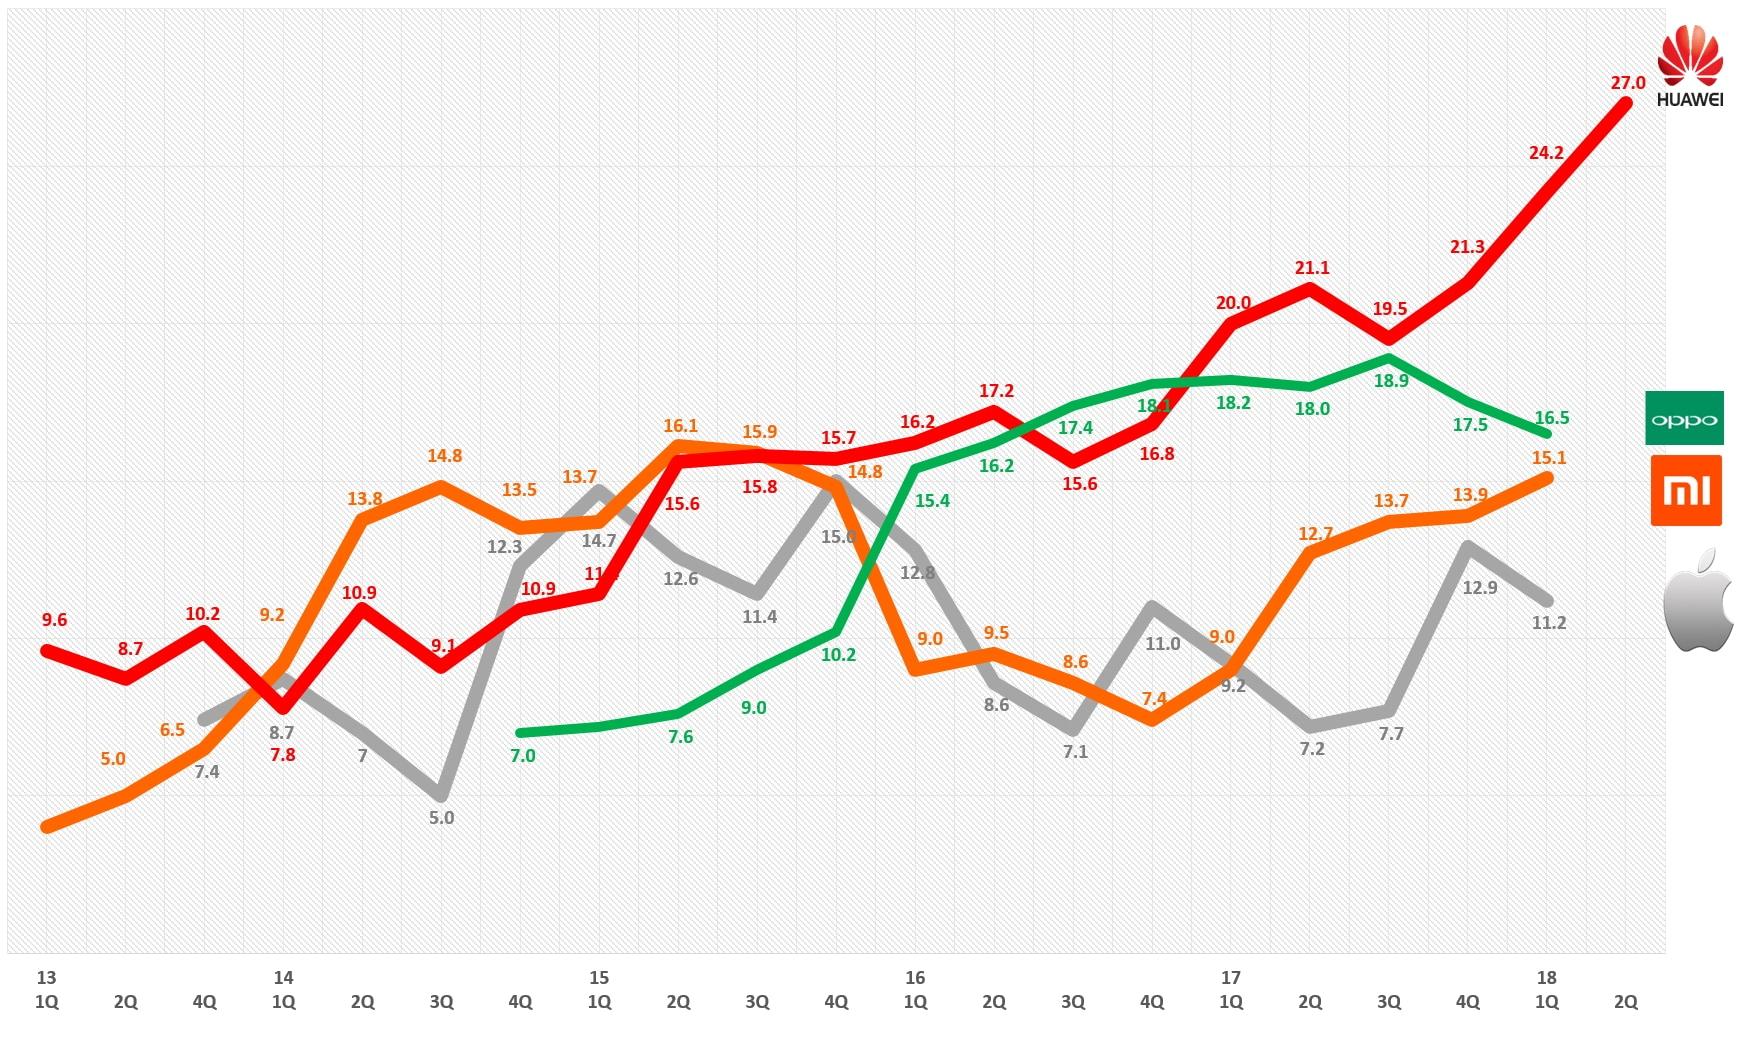 중국 스마트폰 시장점유율 추이(2013년 1분기 ~2018년 2분기) China Smartphone Market Share by IDC